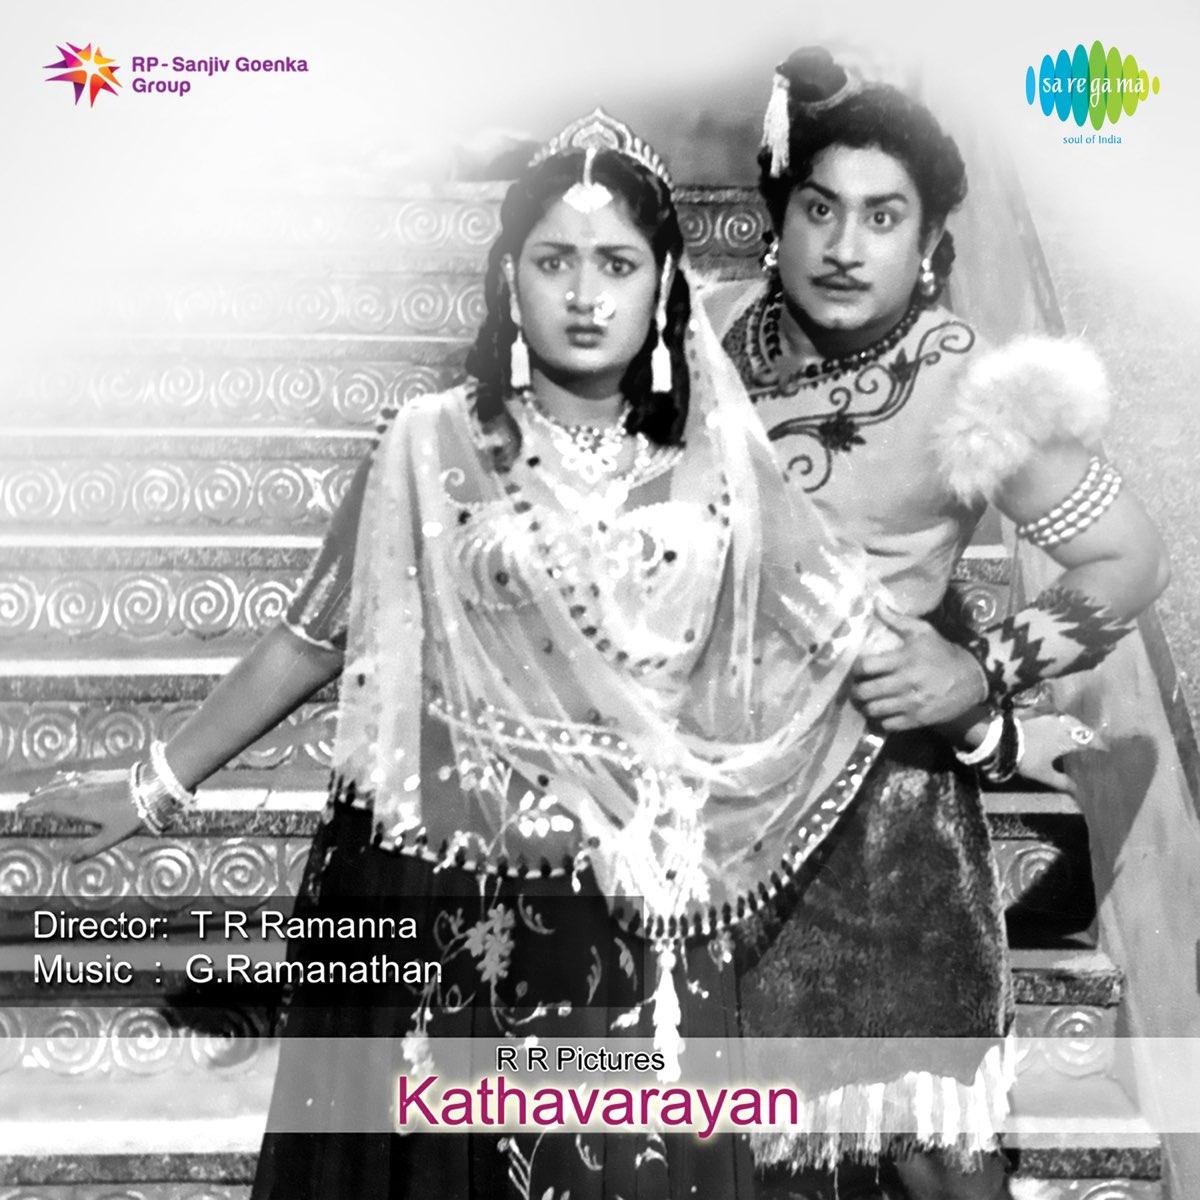 Tamil manamagan thevai Manamagan Thevai